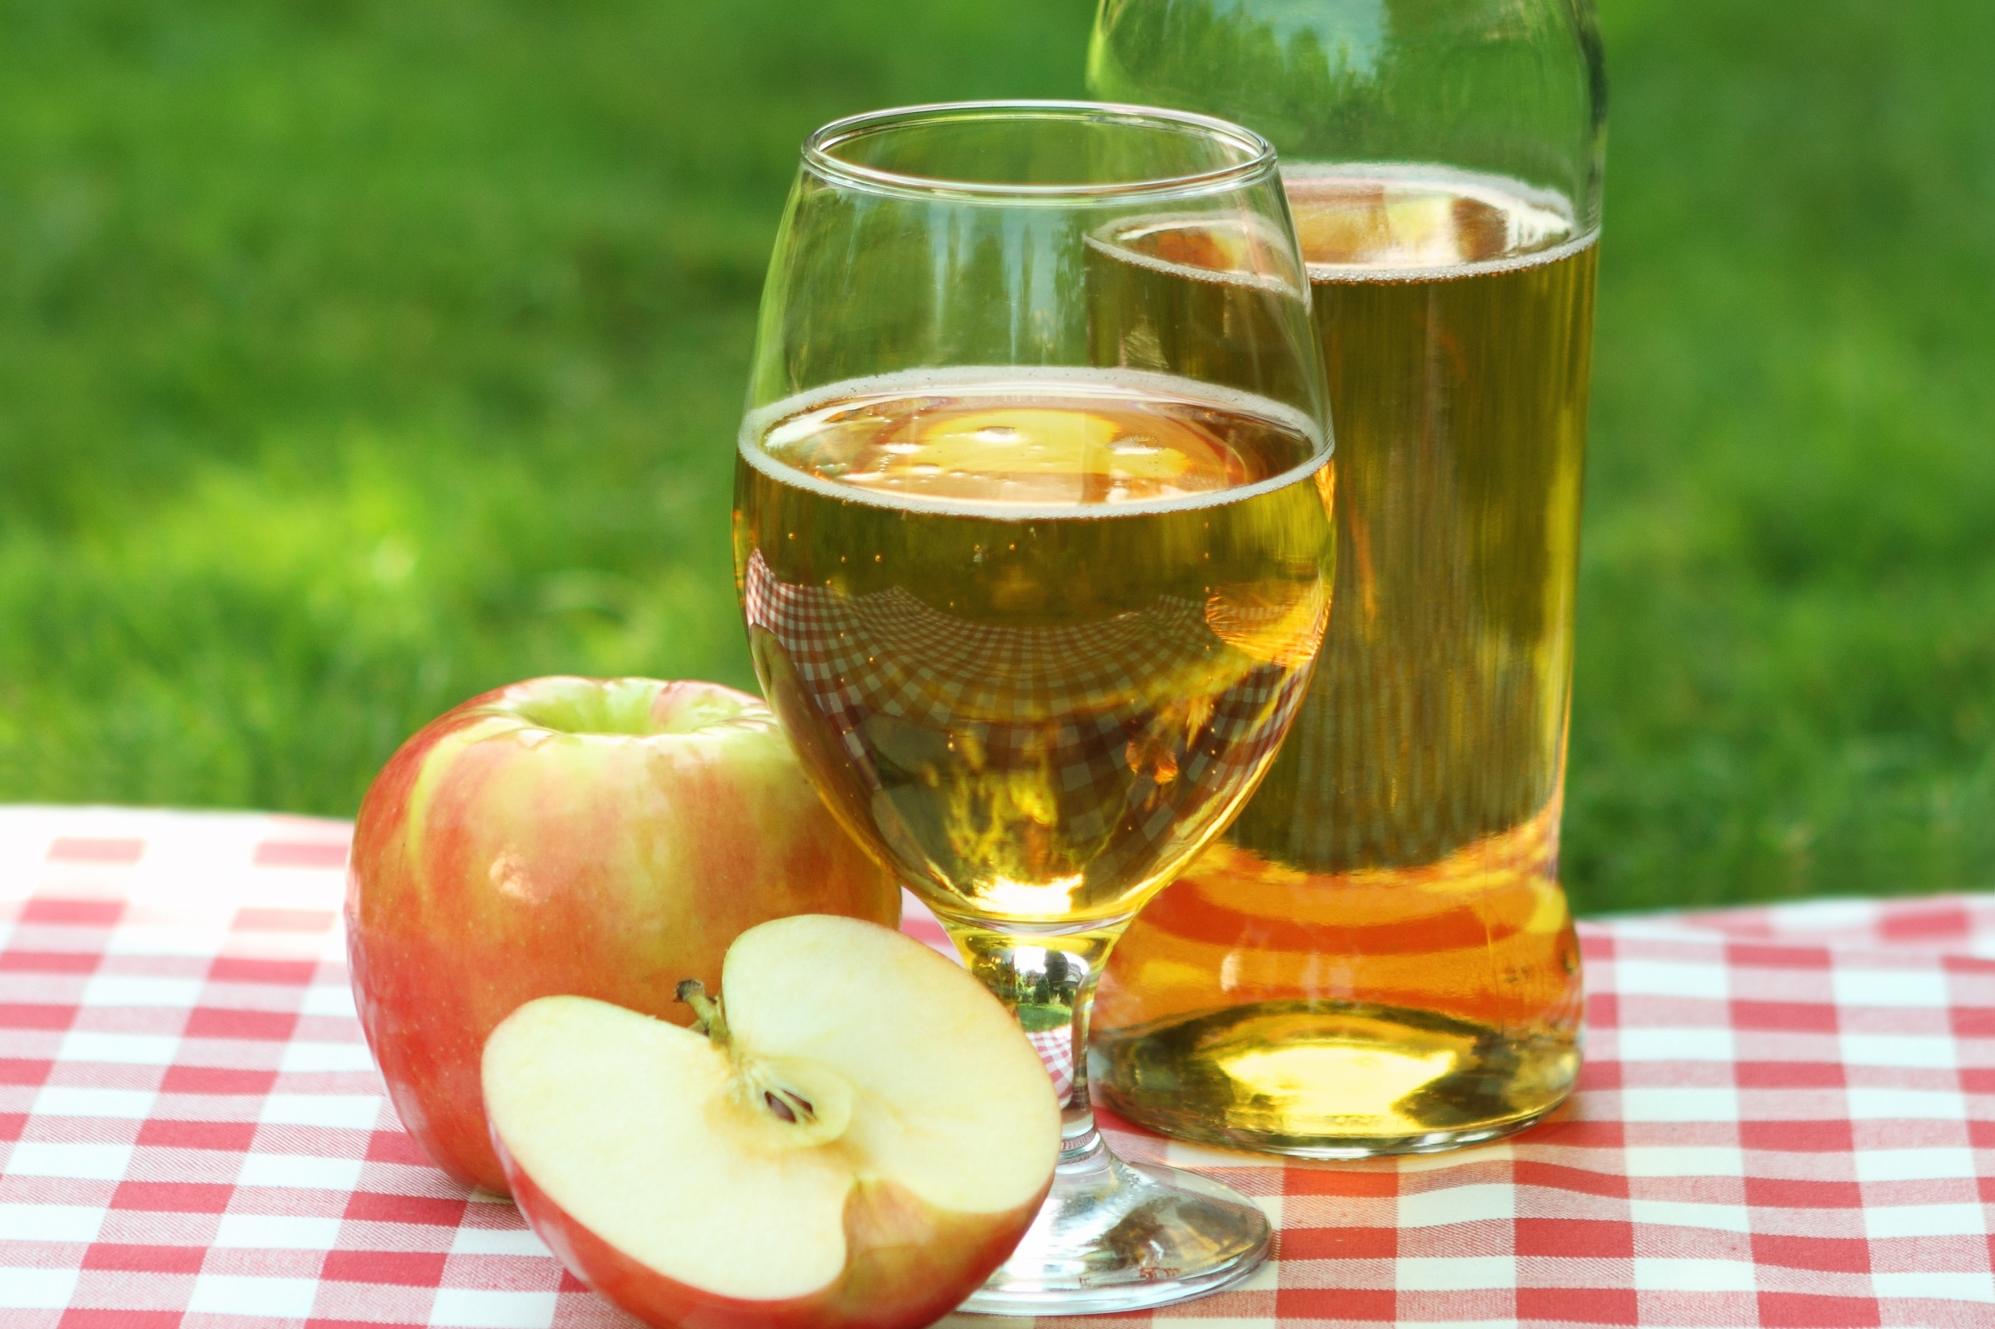 Яблочный сидр в домашних условиях. Домашний сидр 83